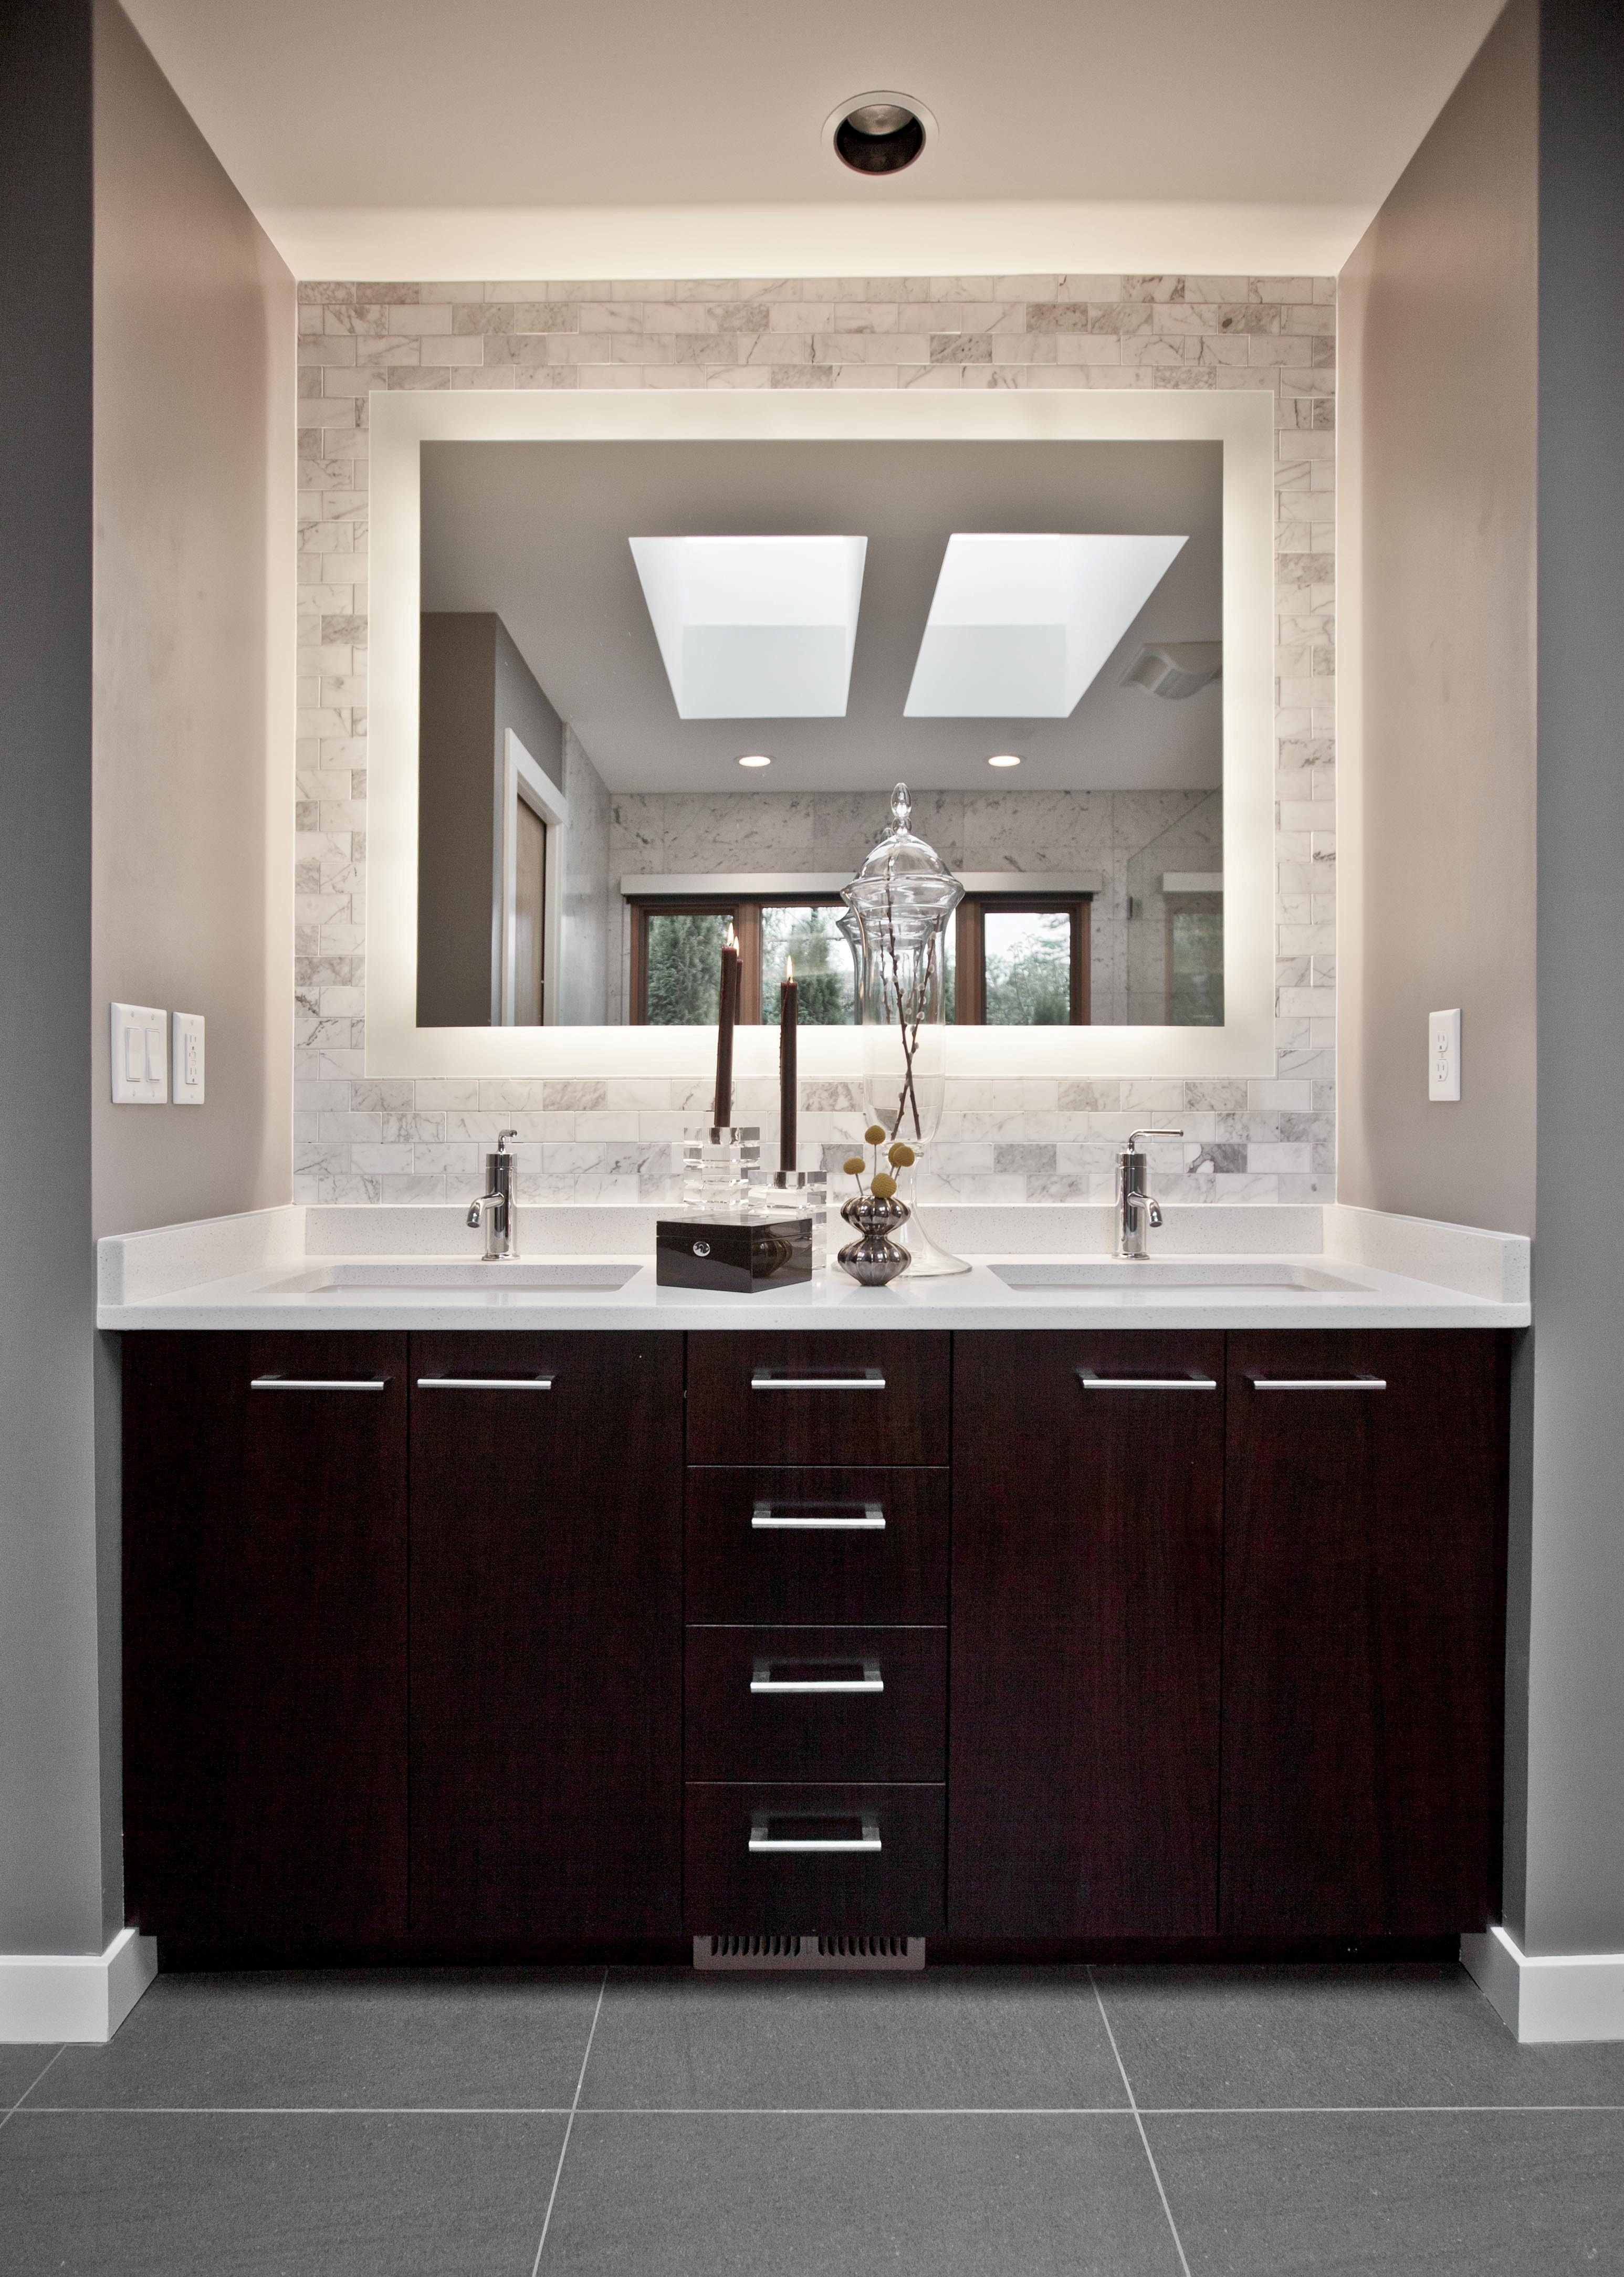 Modern Master Bathroom Vanity Bathroom Vanity Designs Relaxing Bathroom Modern Bathroom